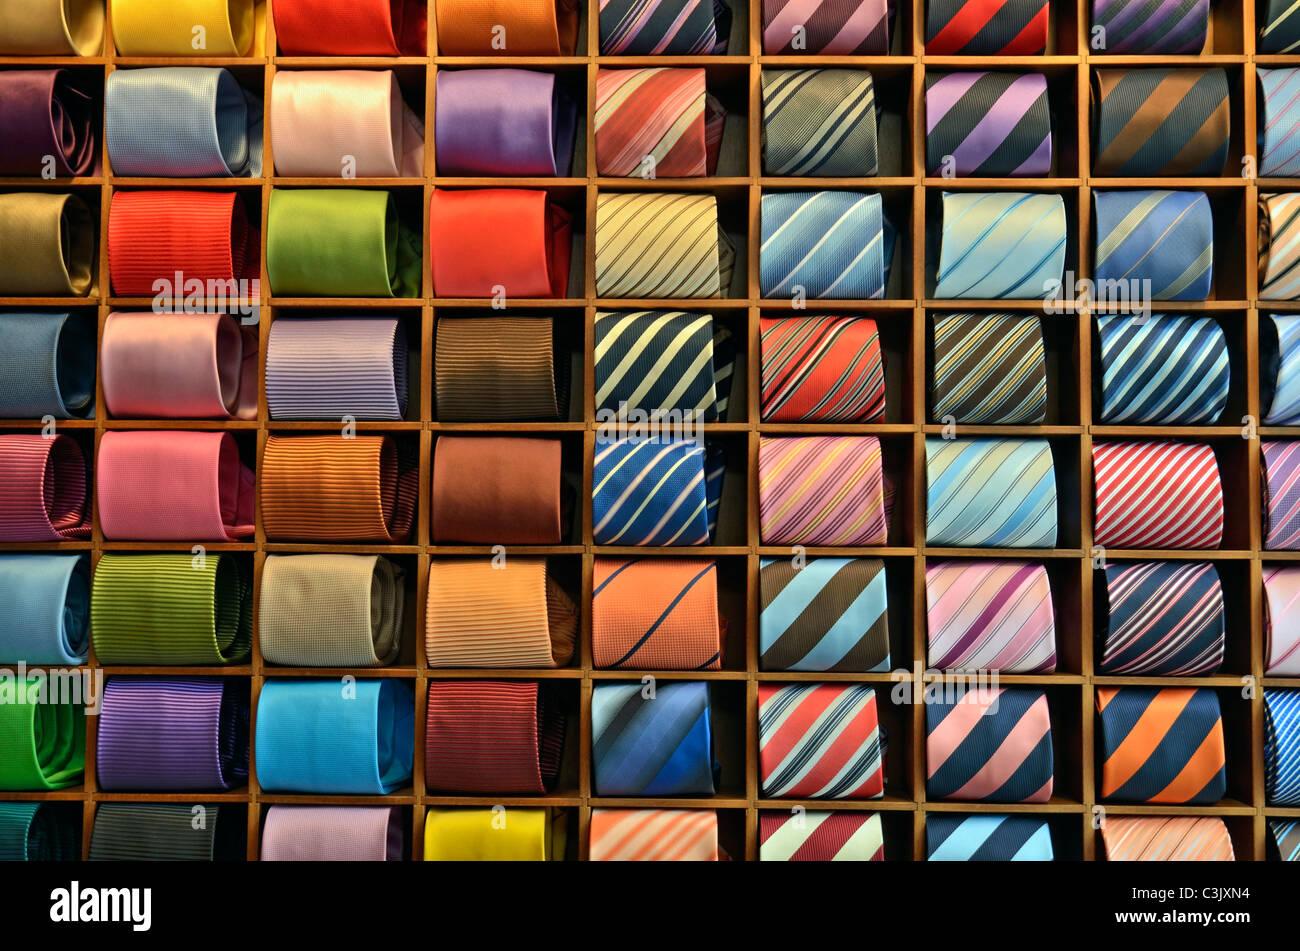 Corbatas mostrar en una tienda de ropa Imagen De Stock